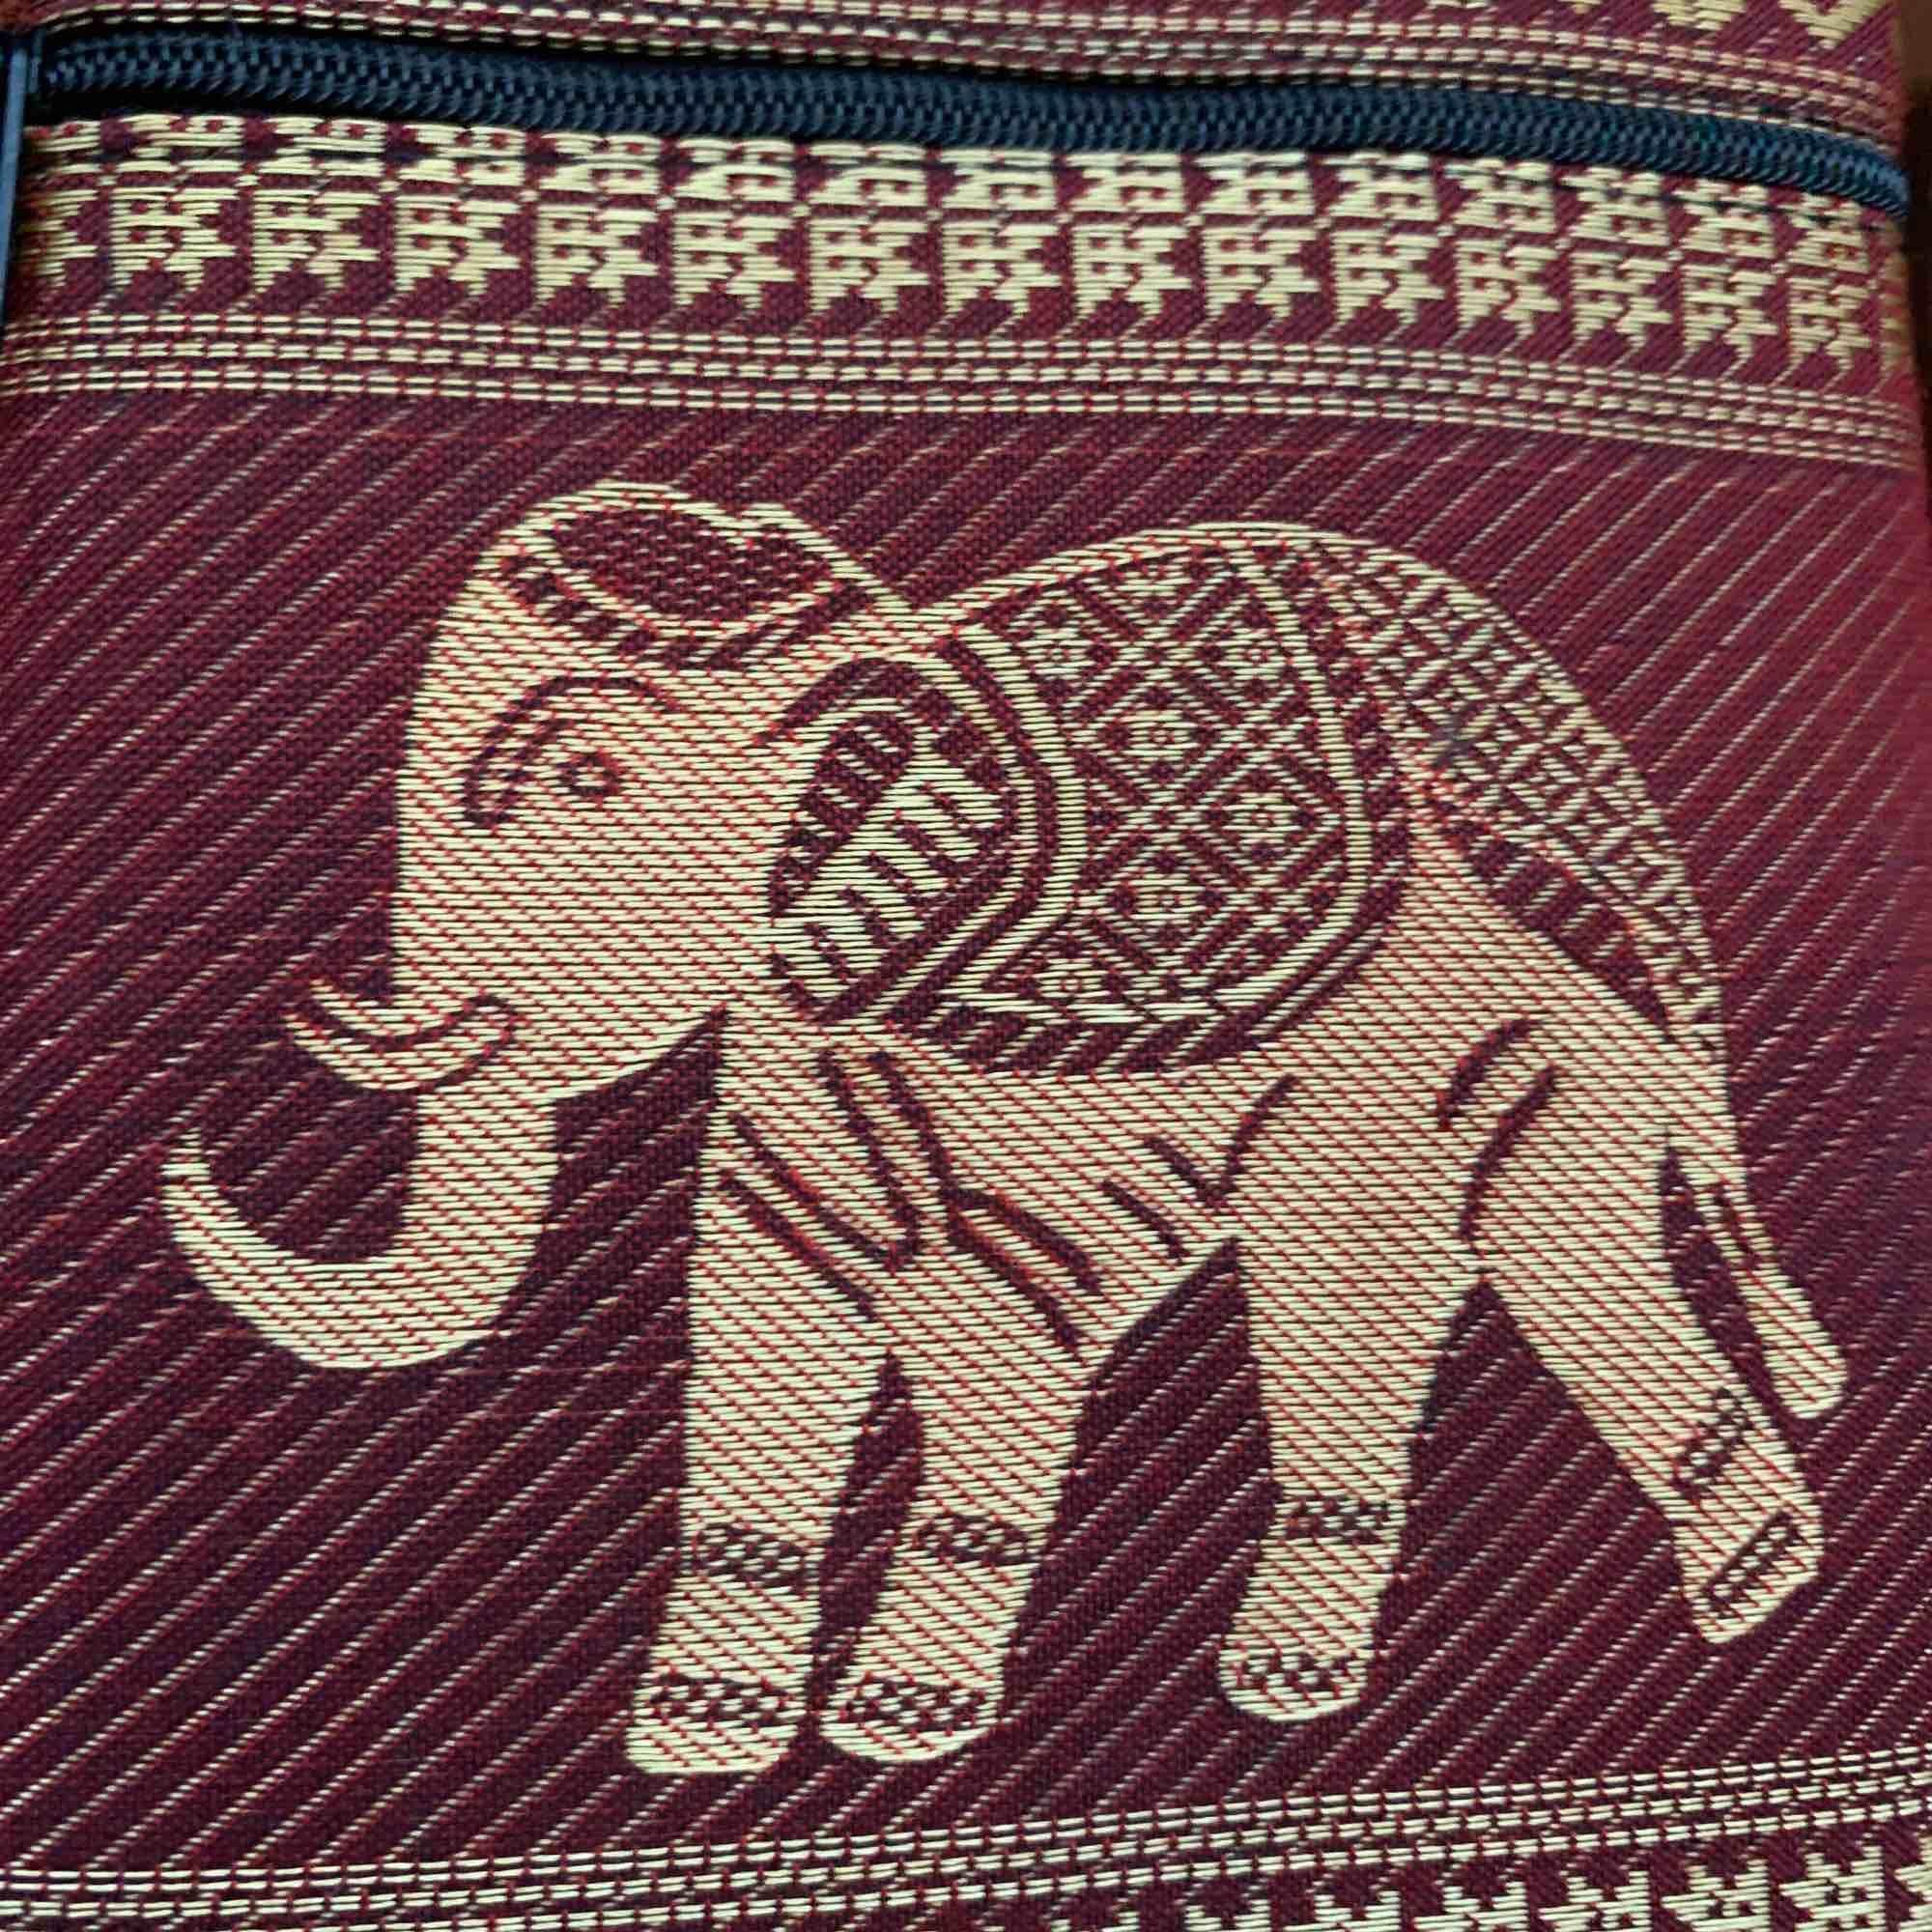 Cool liten väska med en elefant på. Finns att hämta i Norrköping. Vet inte frakten just nu men kan ta reda på det om någon är intresserad. Frakten ingår inte.. Väskor.